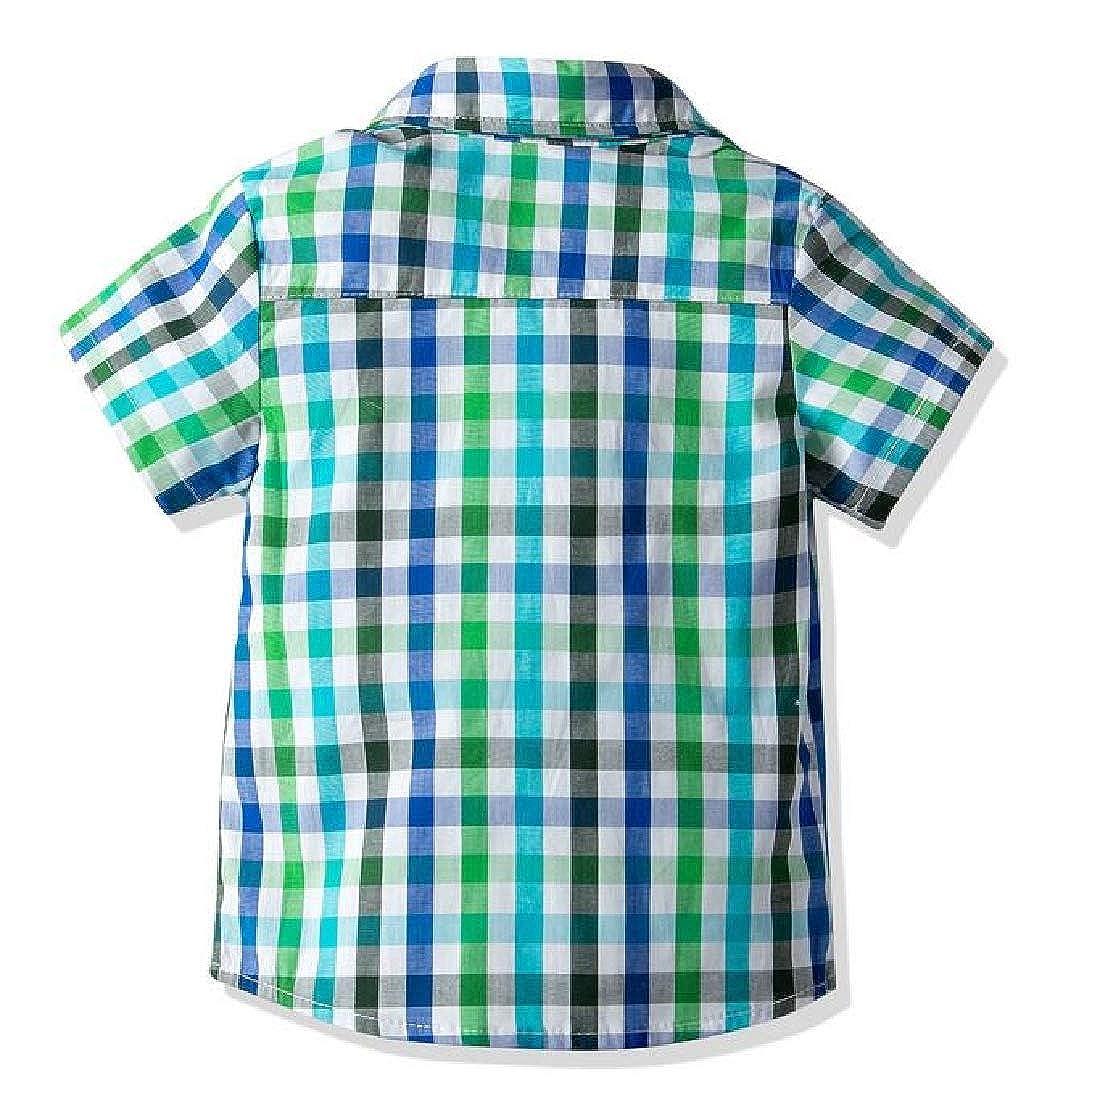 Pandapang Boy Vogue Tracksuit Jean Denim Pants Bowknot Plaid Suspender Shirts